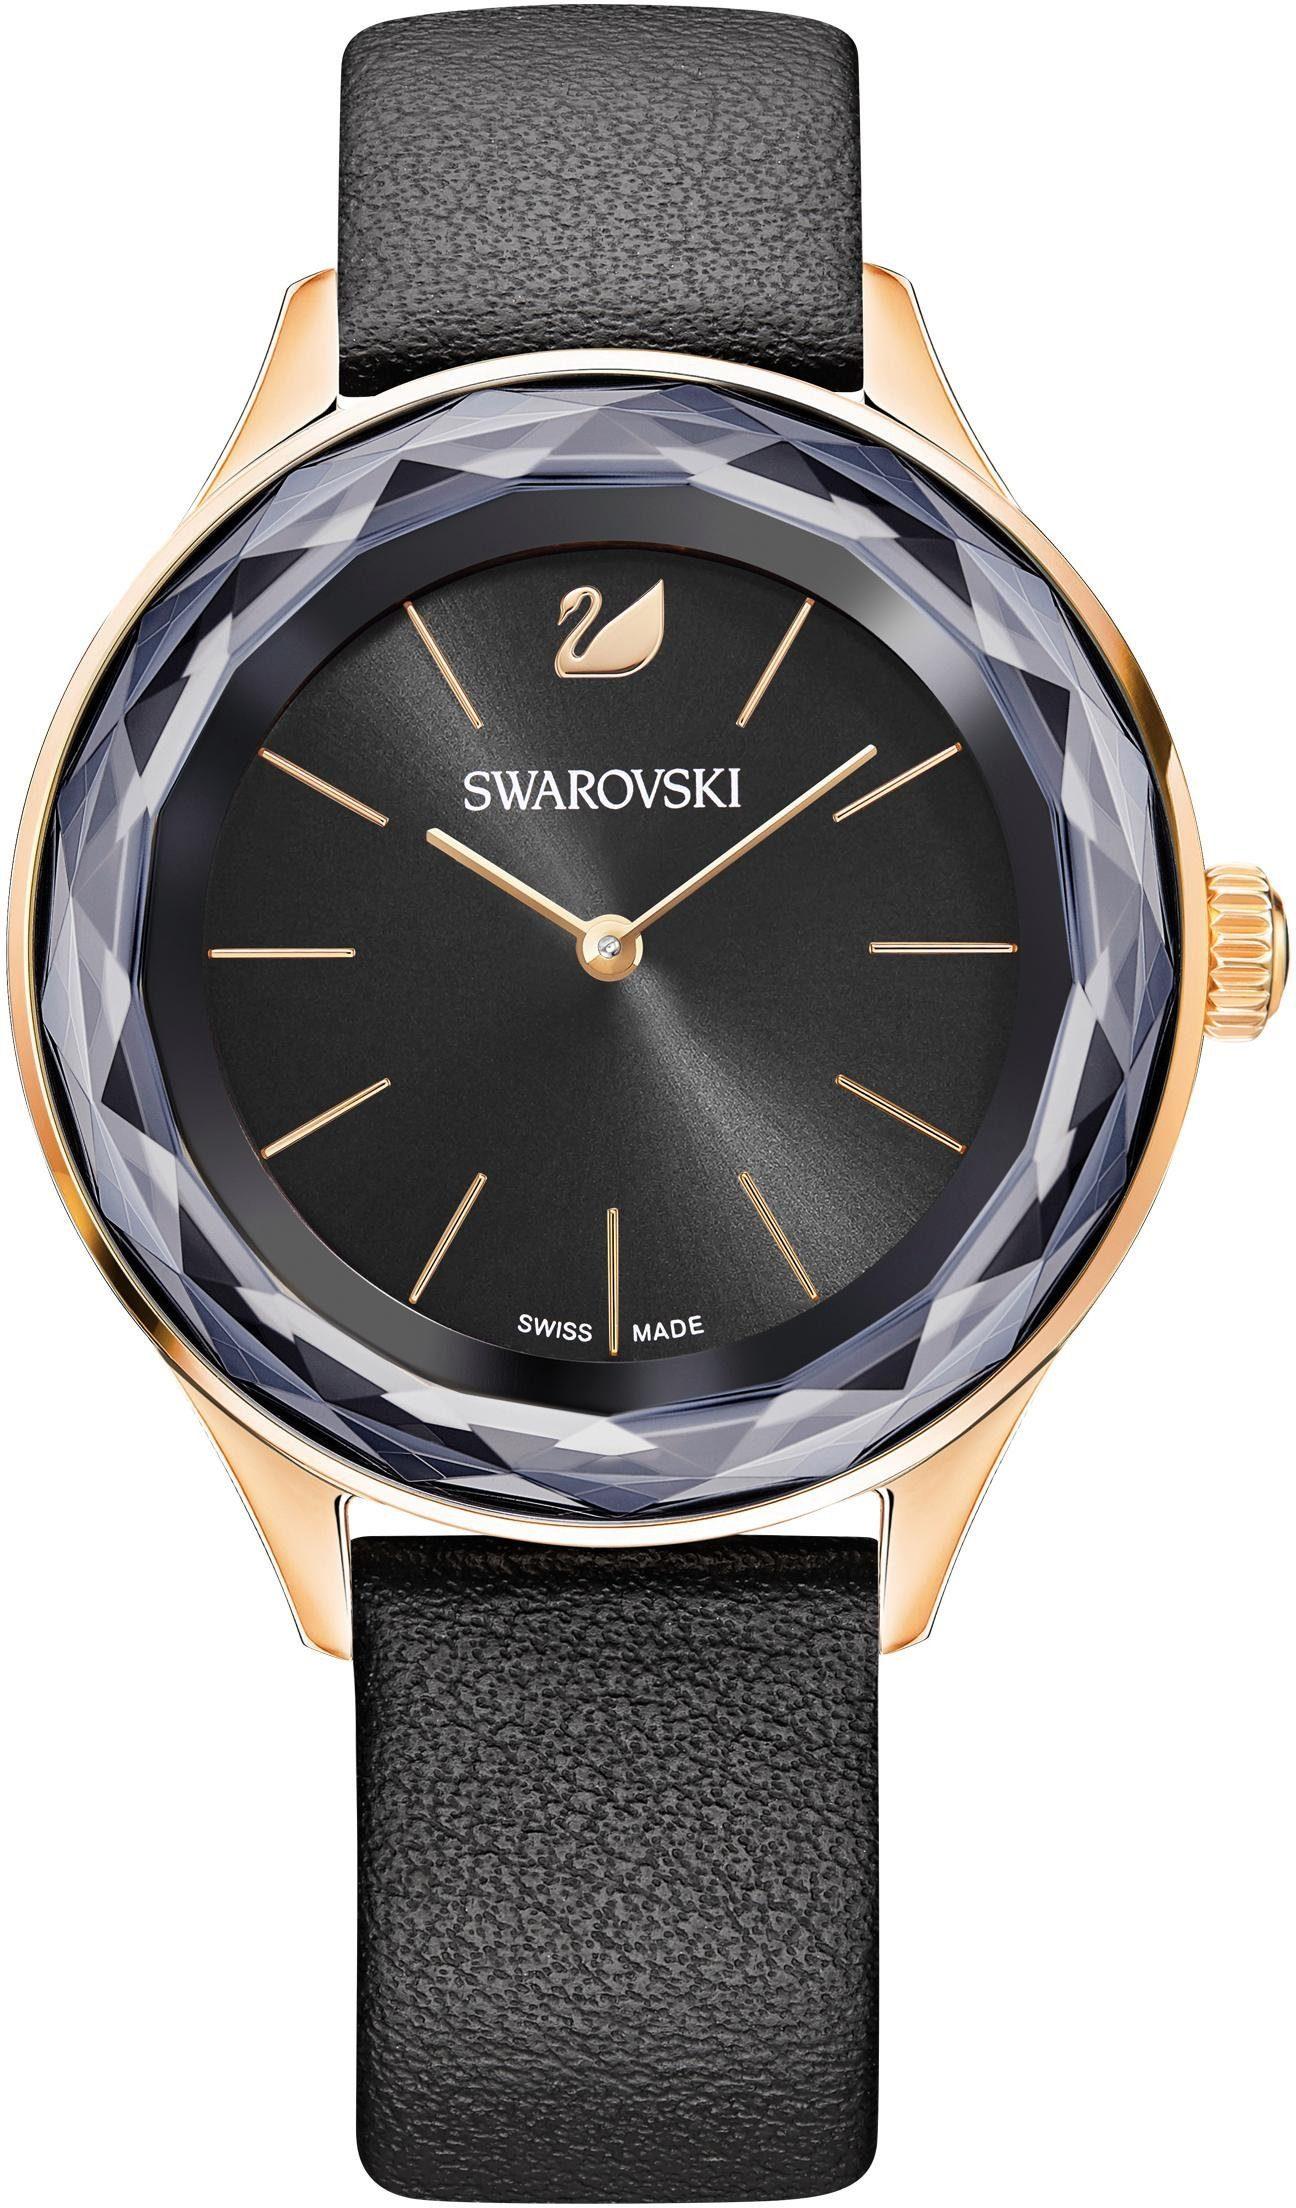 Swarovski Schweizer Uhr »Octea Nova Uhr, Lederarmband, schwarz, roséfarben, 5295358«